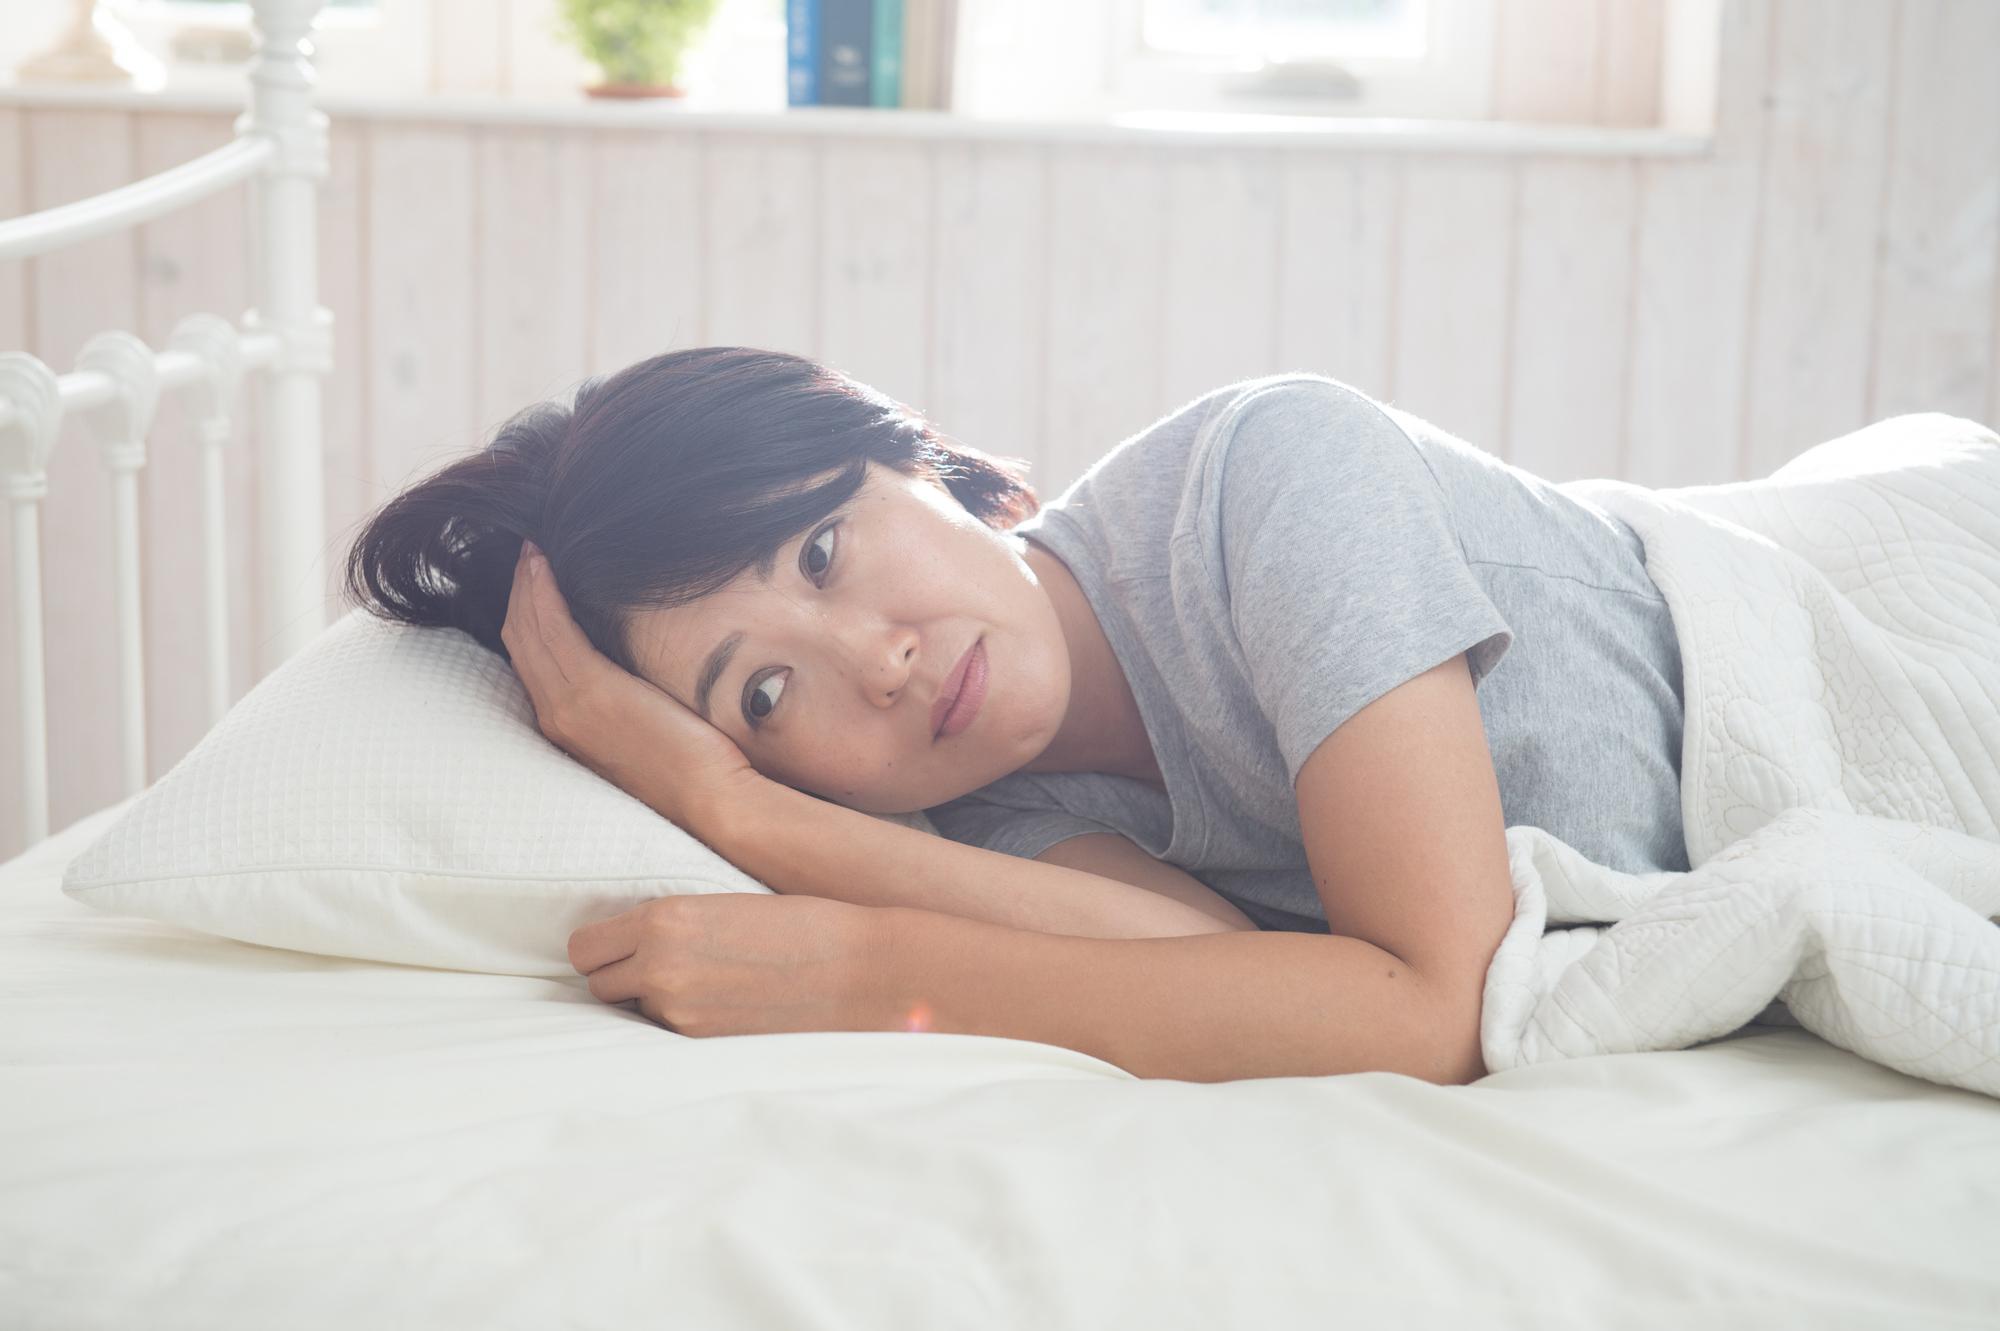 寝ても疲れがとれない…のはなぜ? 「睡眠の質」を高める生活習慣とは